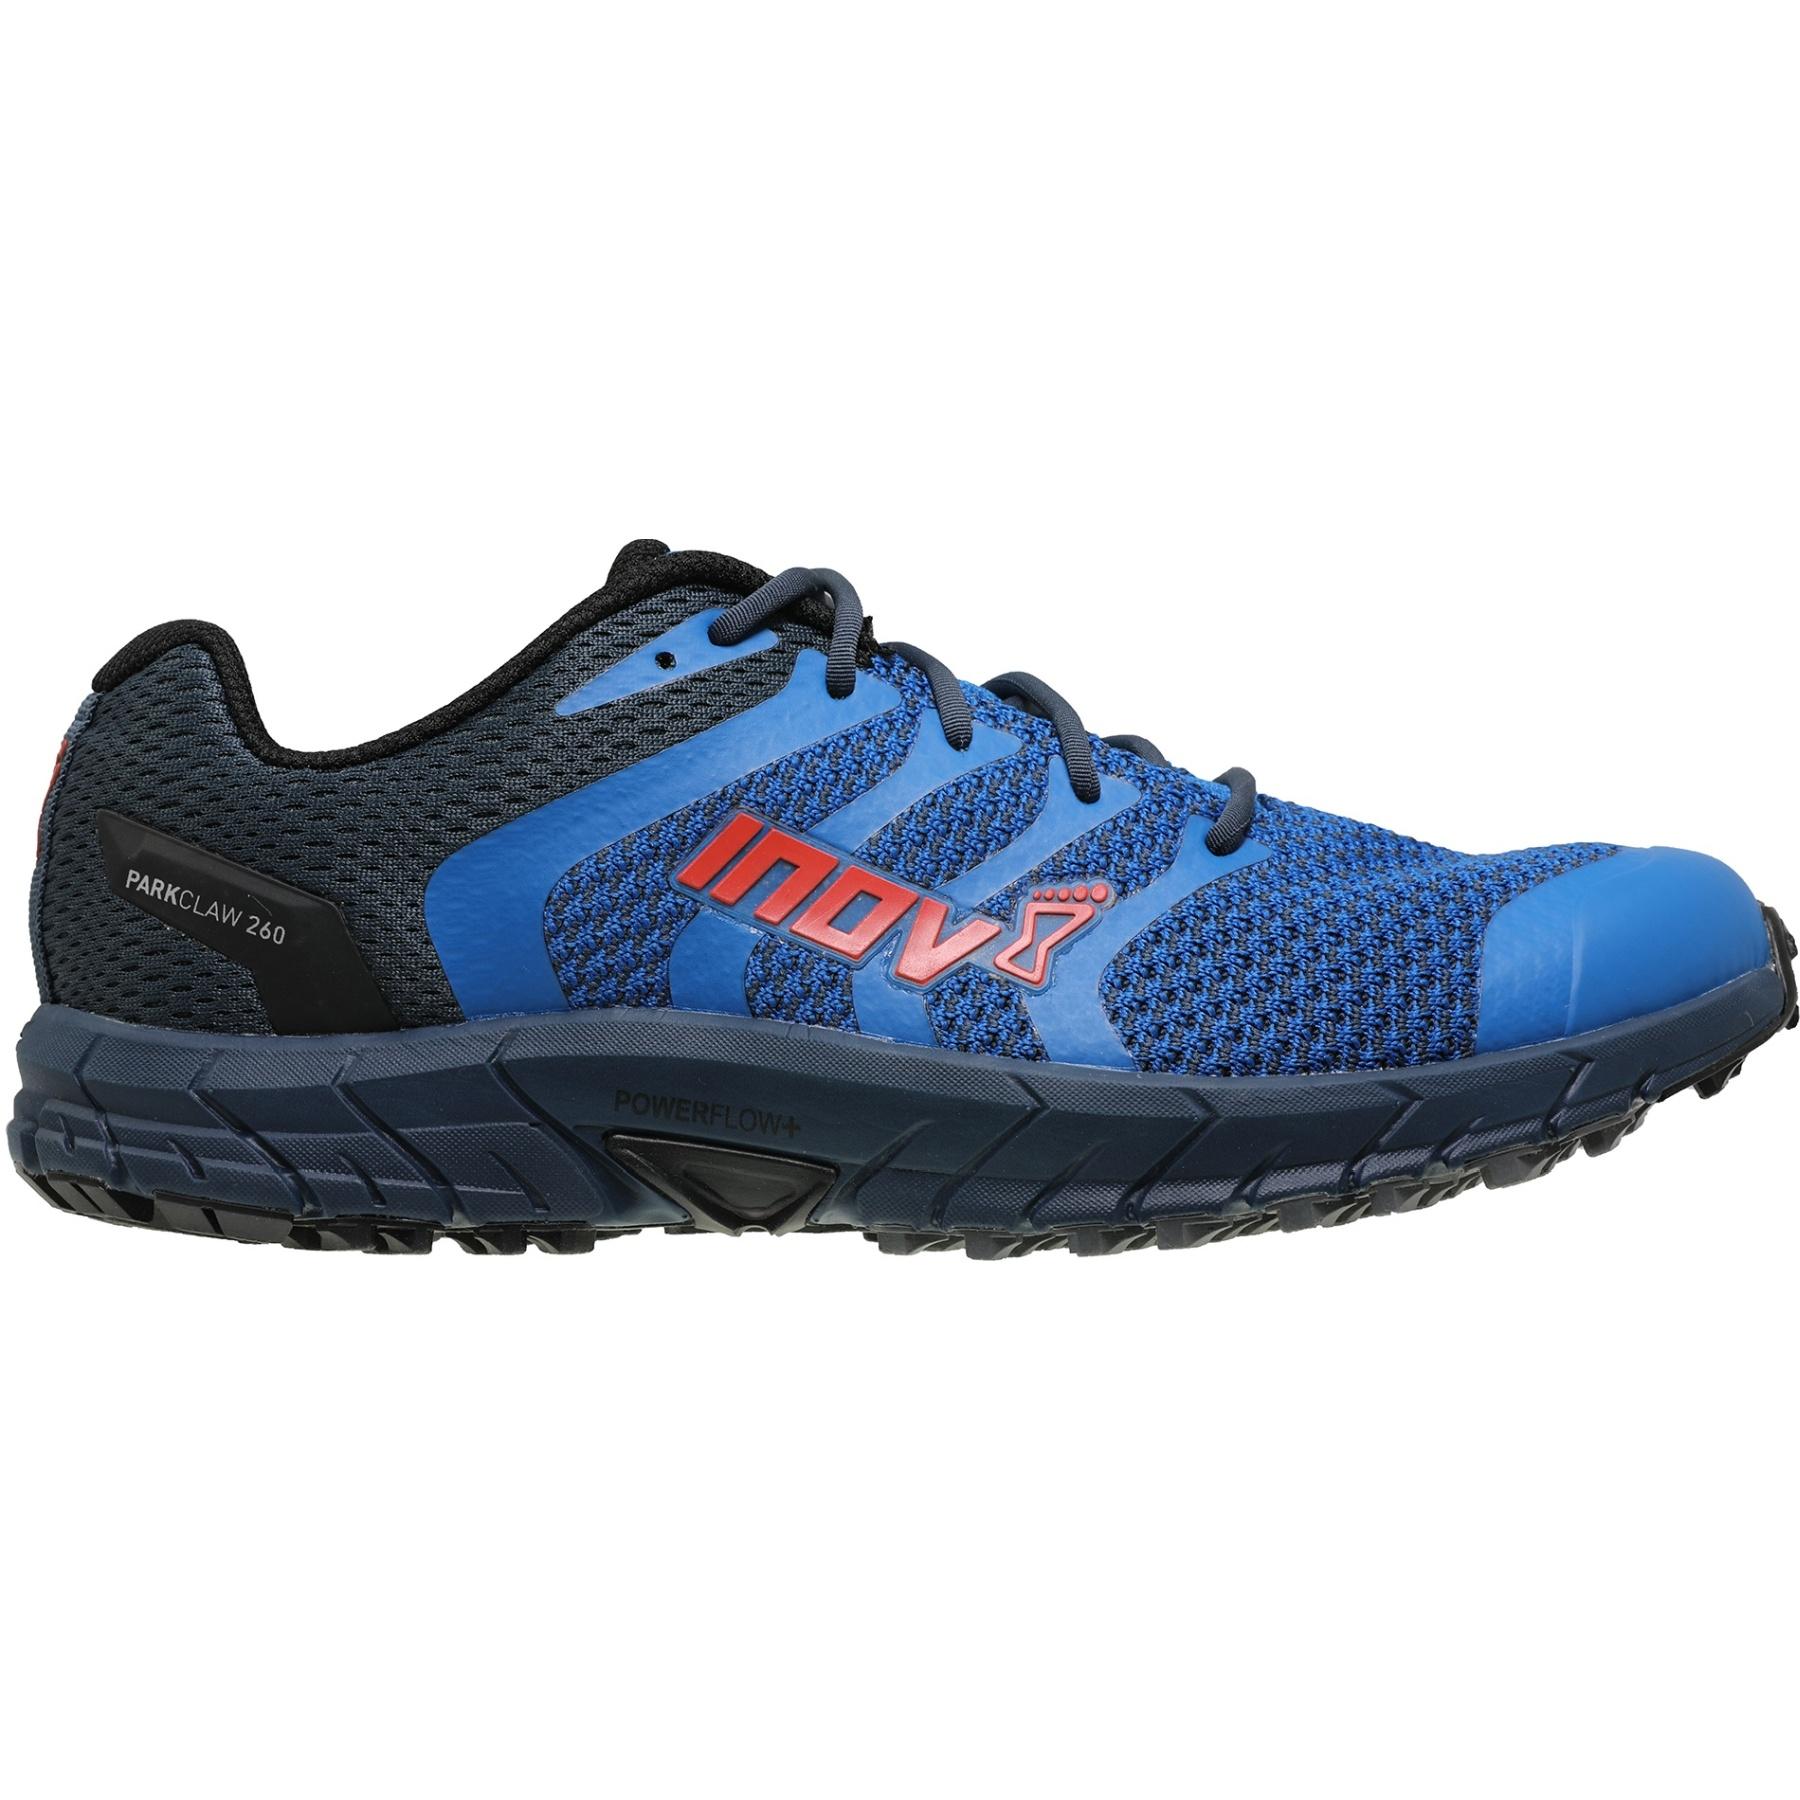 Produktbild von Inov-8 Parkclaw™ 260 Knit (M) Laufschuhe - blue/red